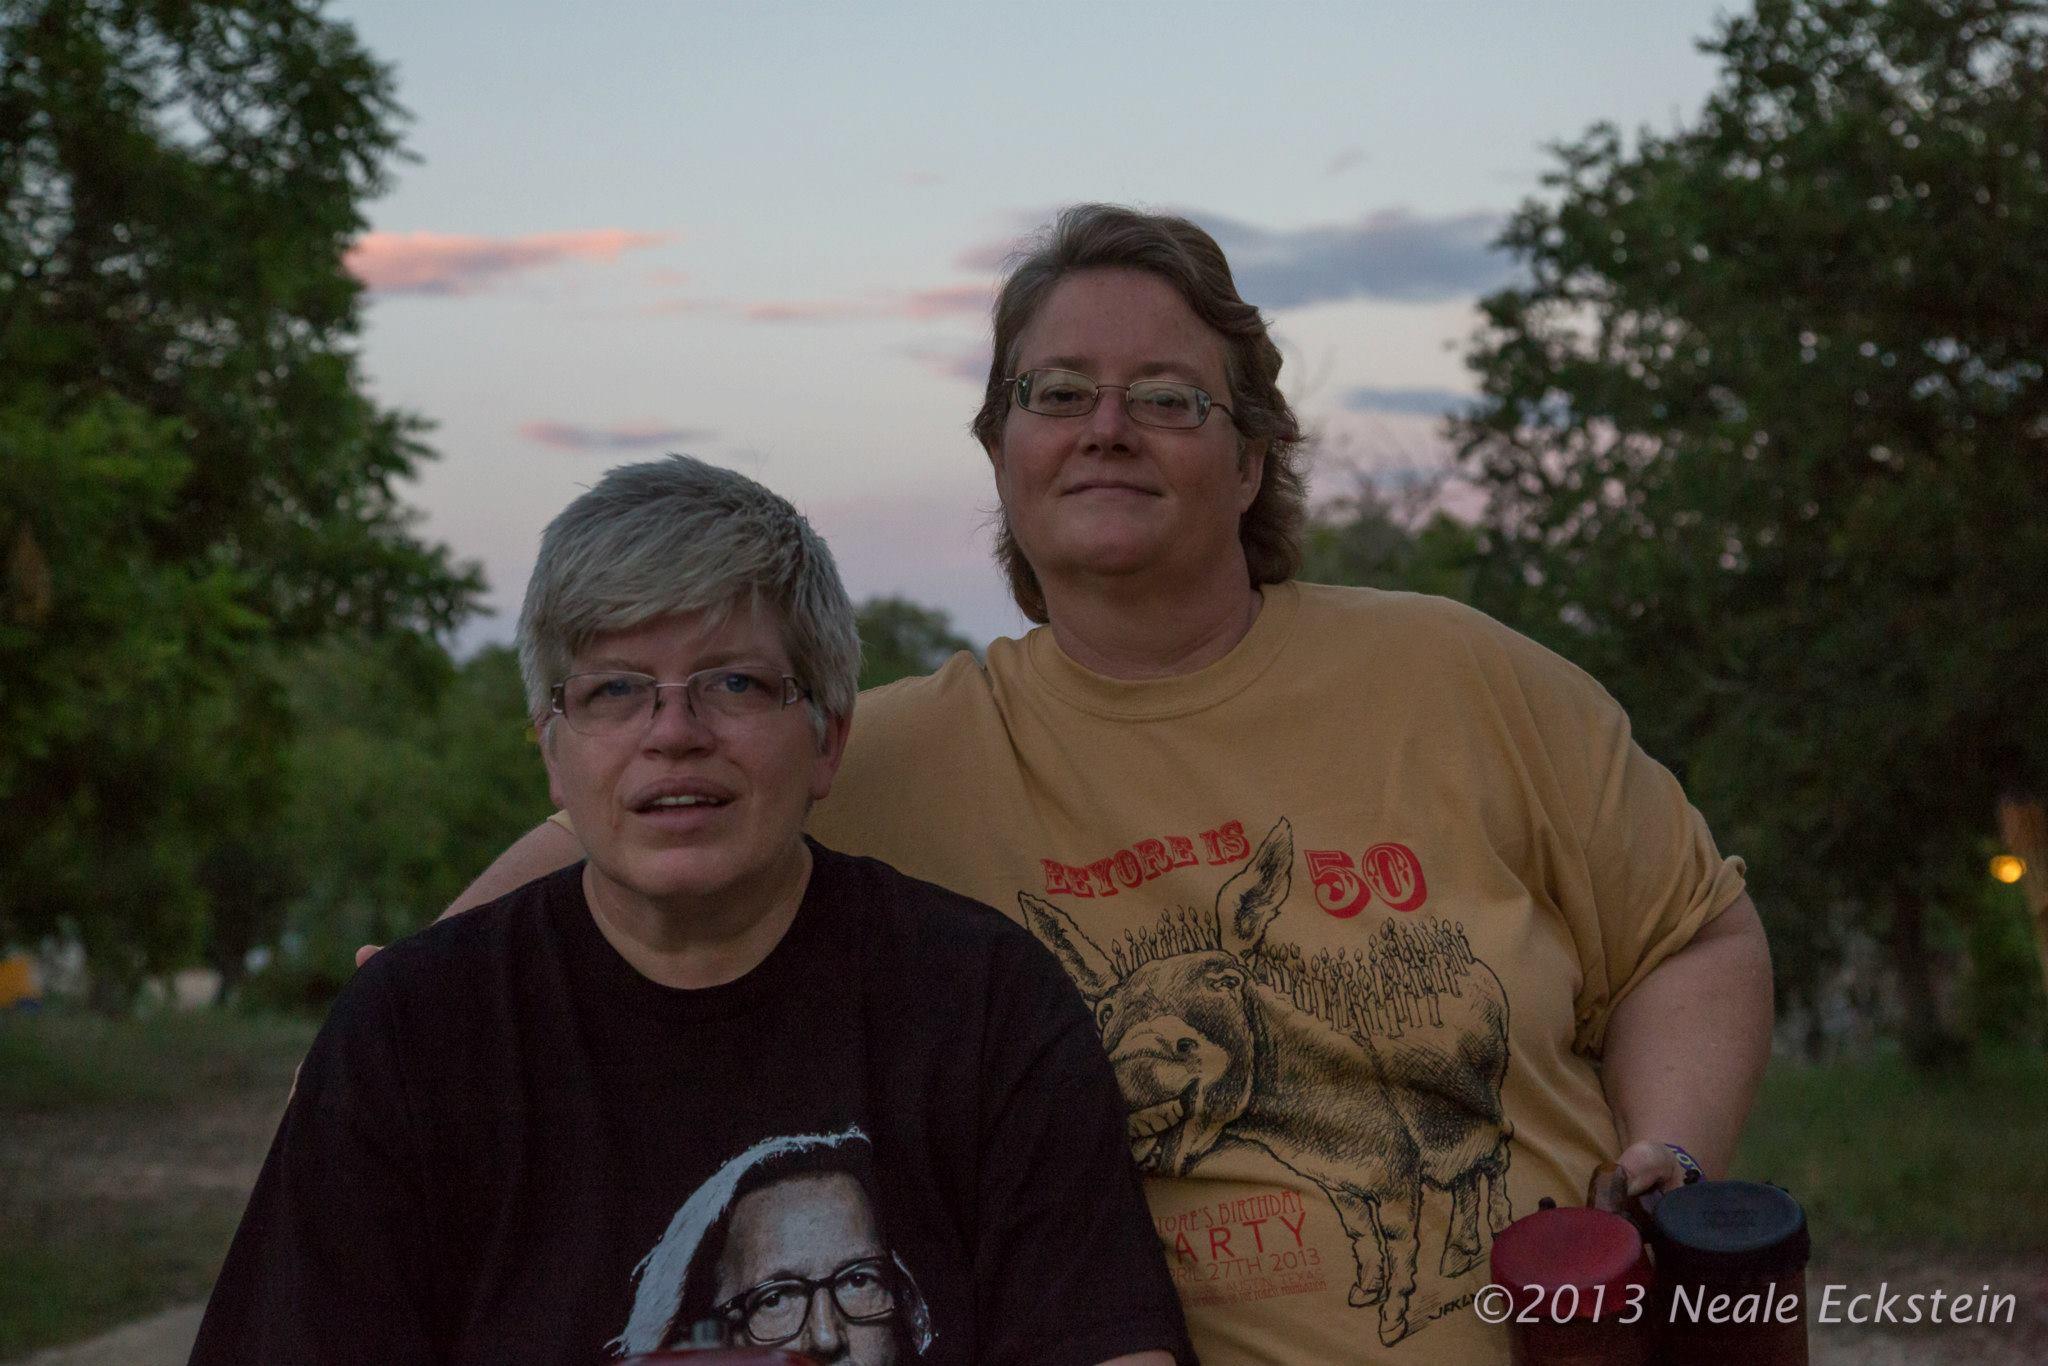 Deanne Croan & Ingrid Ellerbee